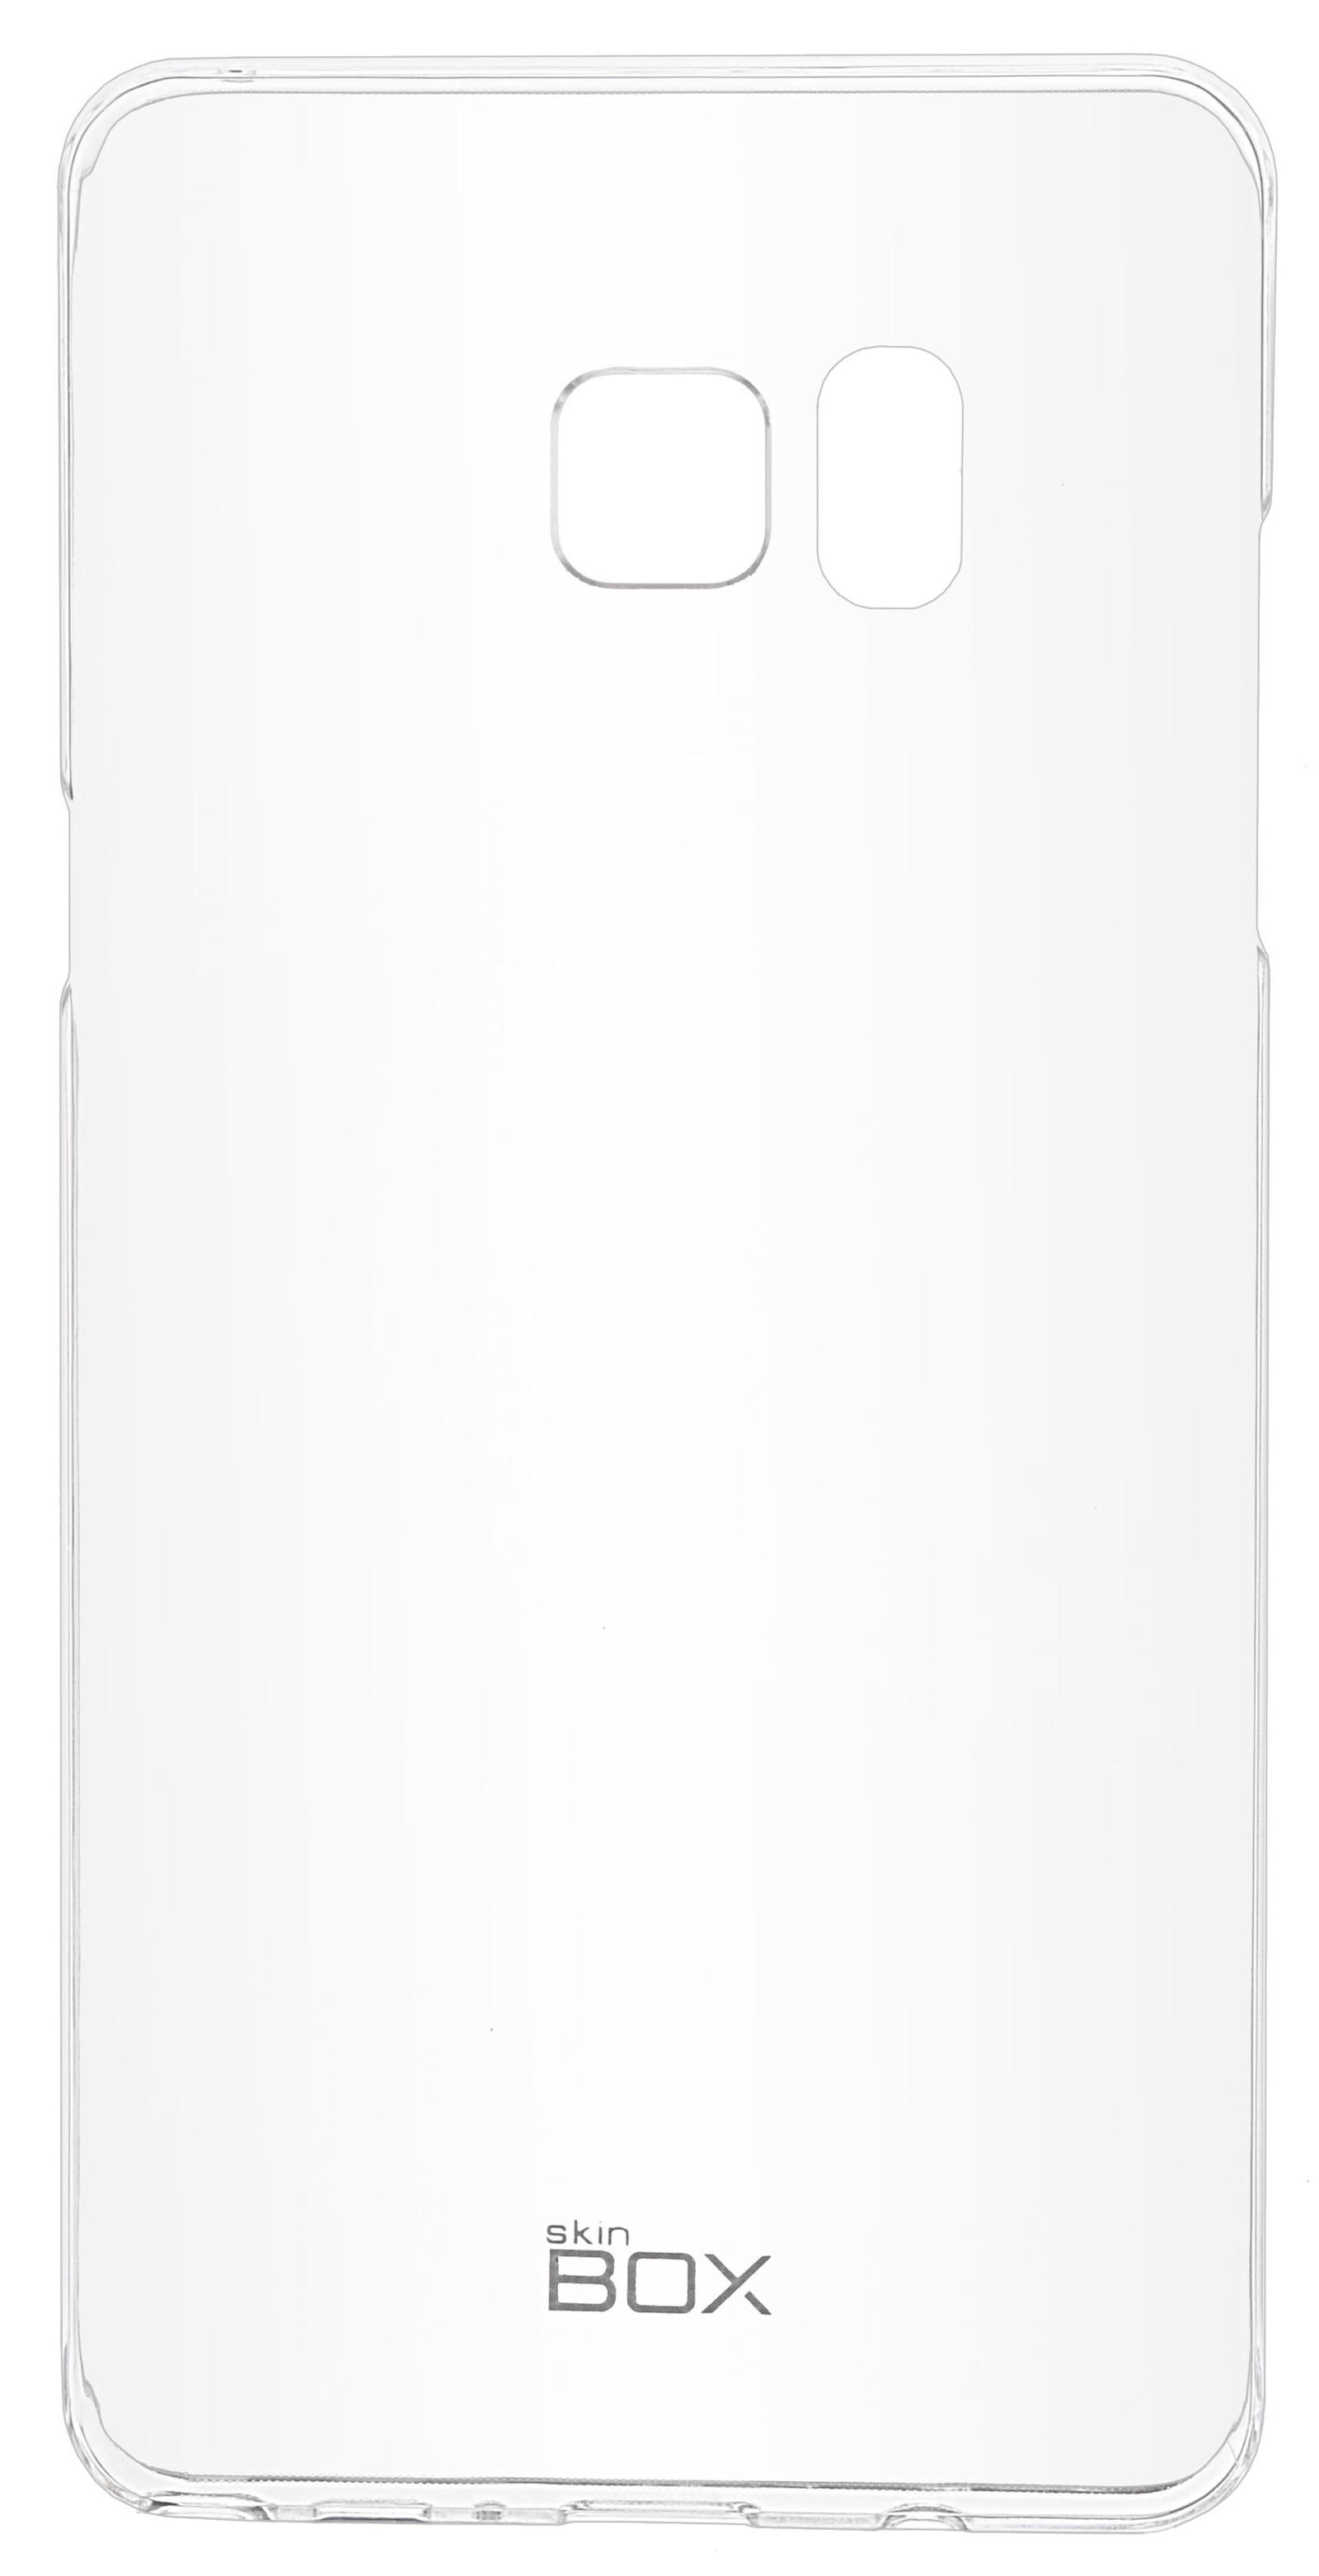 Чехол для сотового телефона skinBOX Crystal, 4630042528390, прозрачный чехол для сотового телефона skinbox crystal 4630042528390 прозрачный